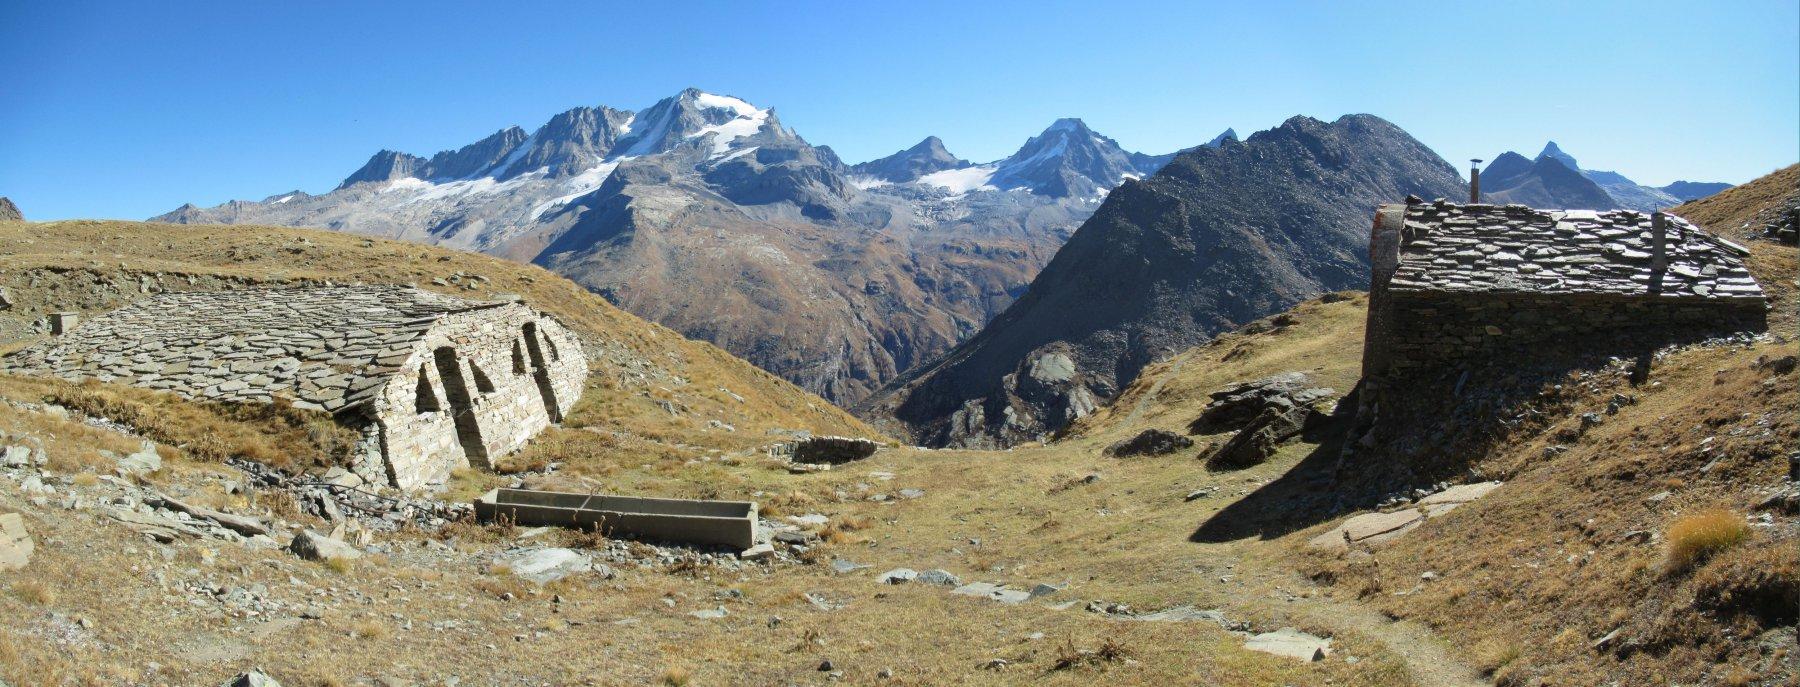 Alpe Pian Borgno